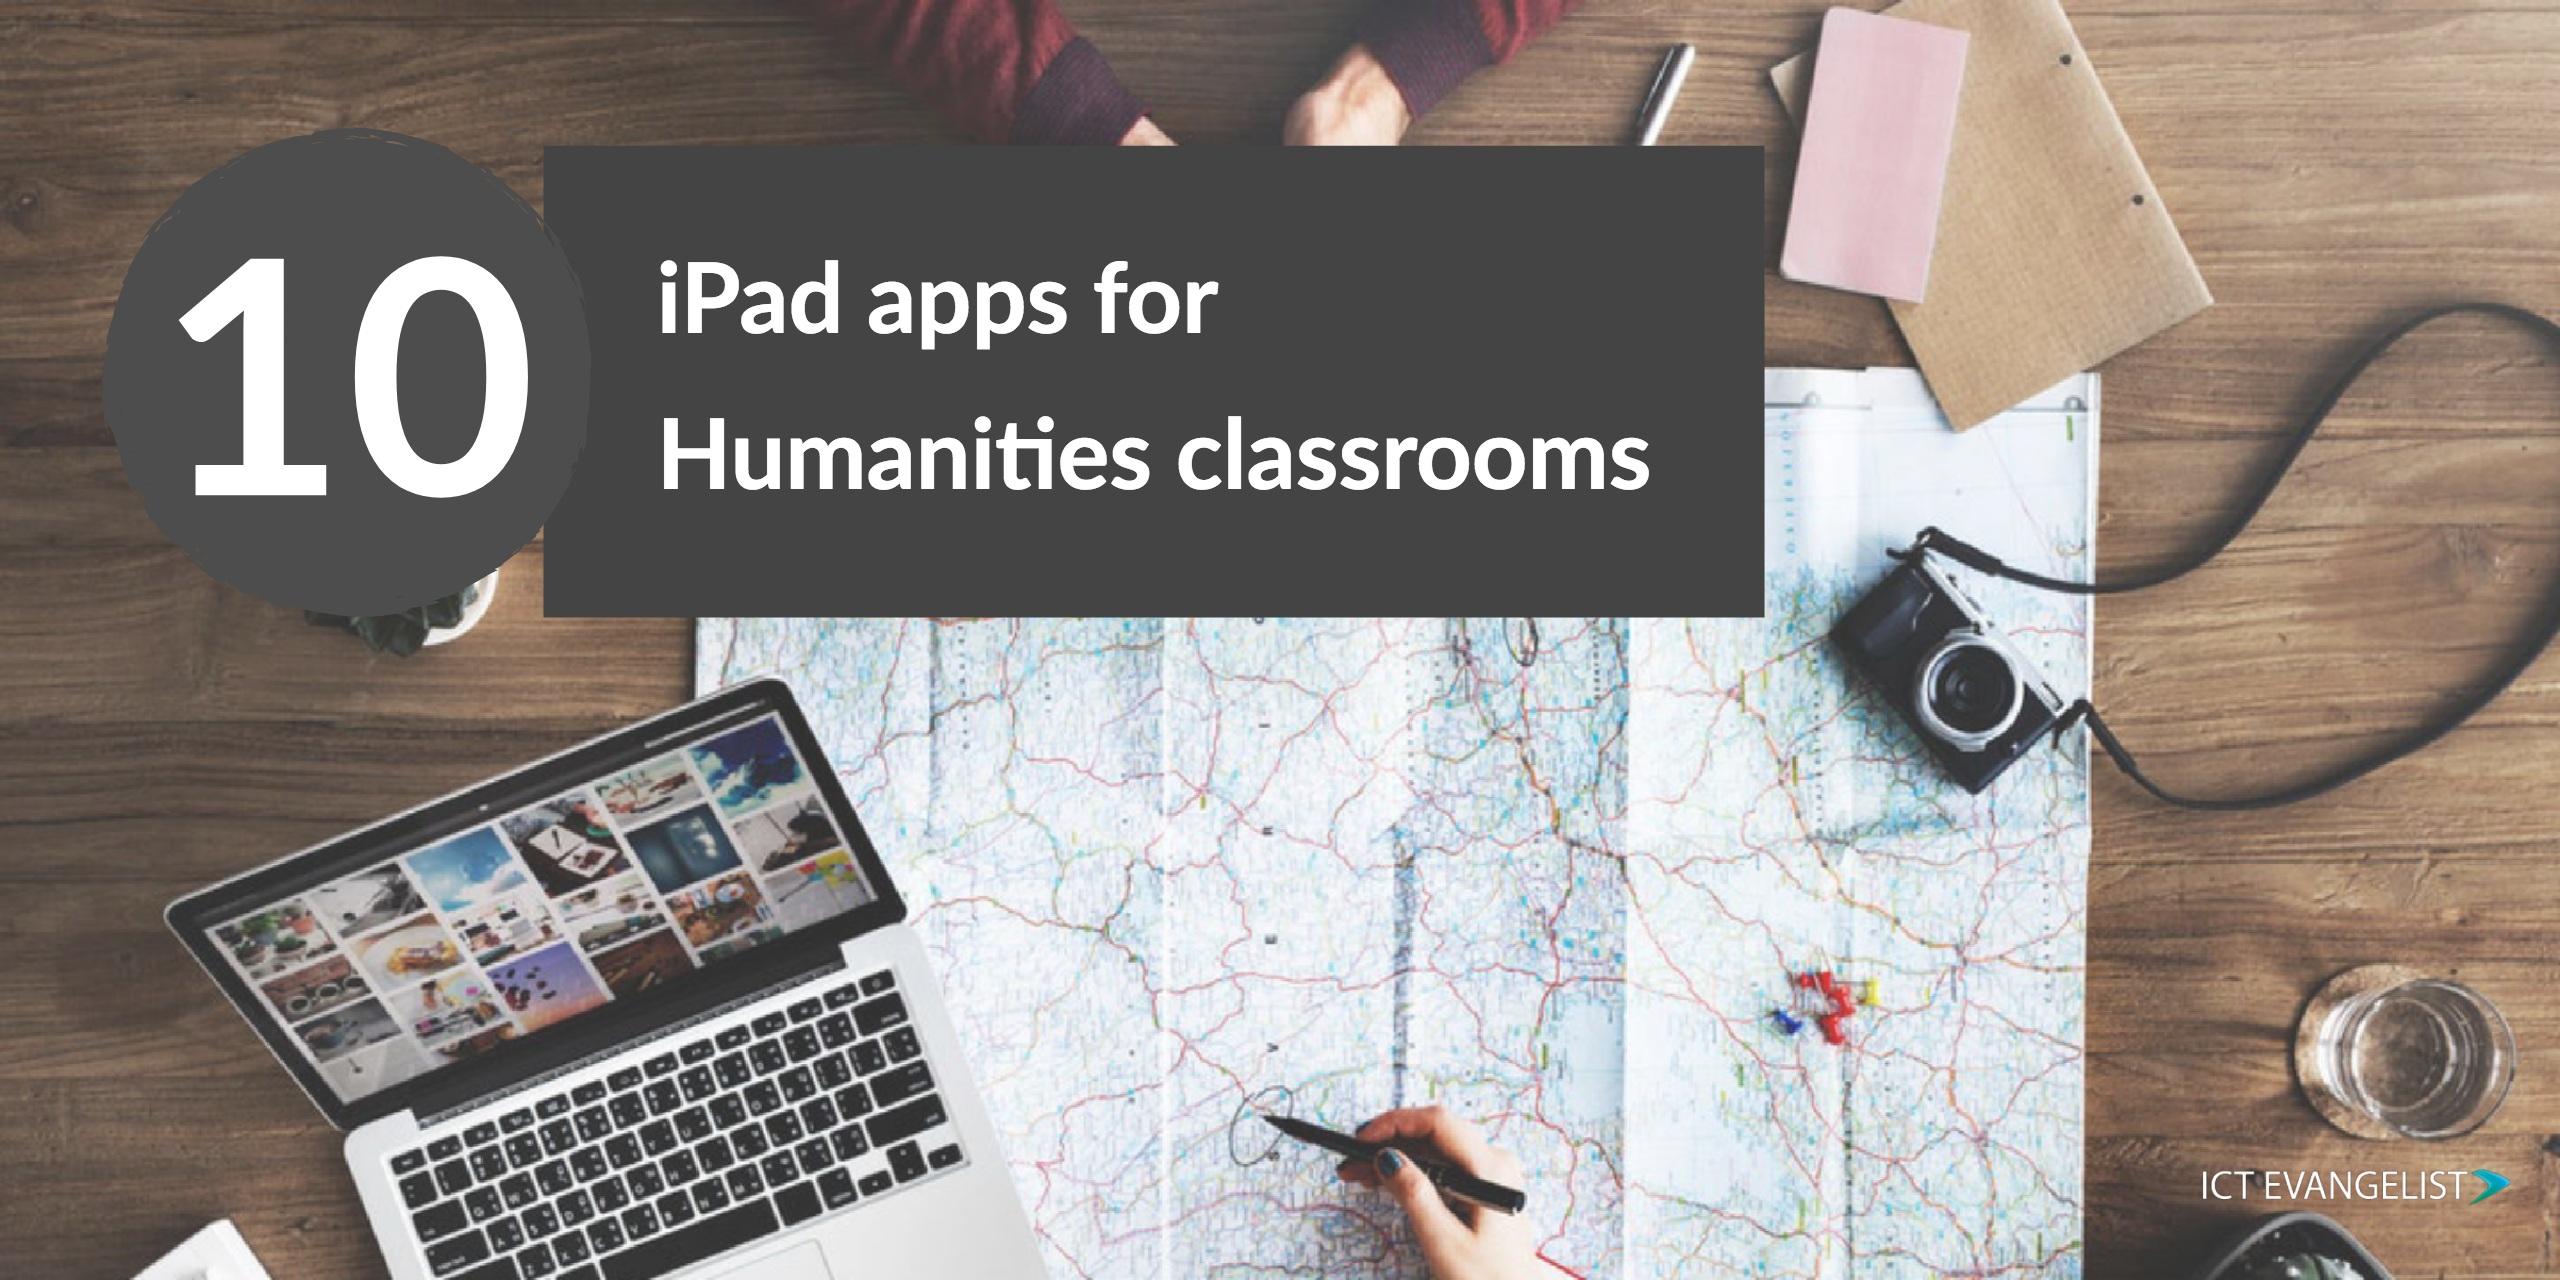 10 iPad apps for Humanities classrooms – ICTEvangelist